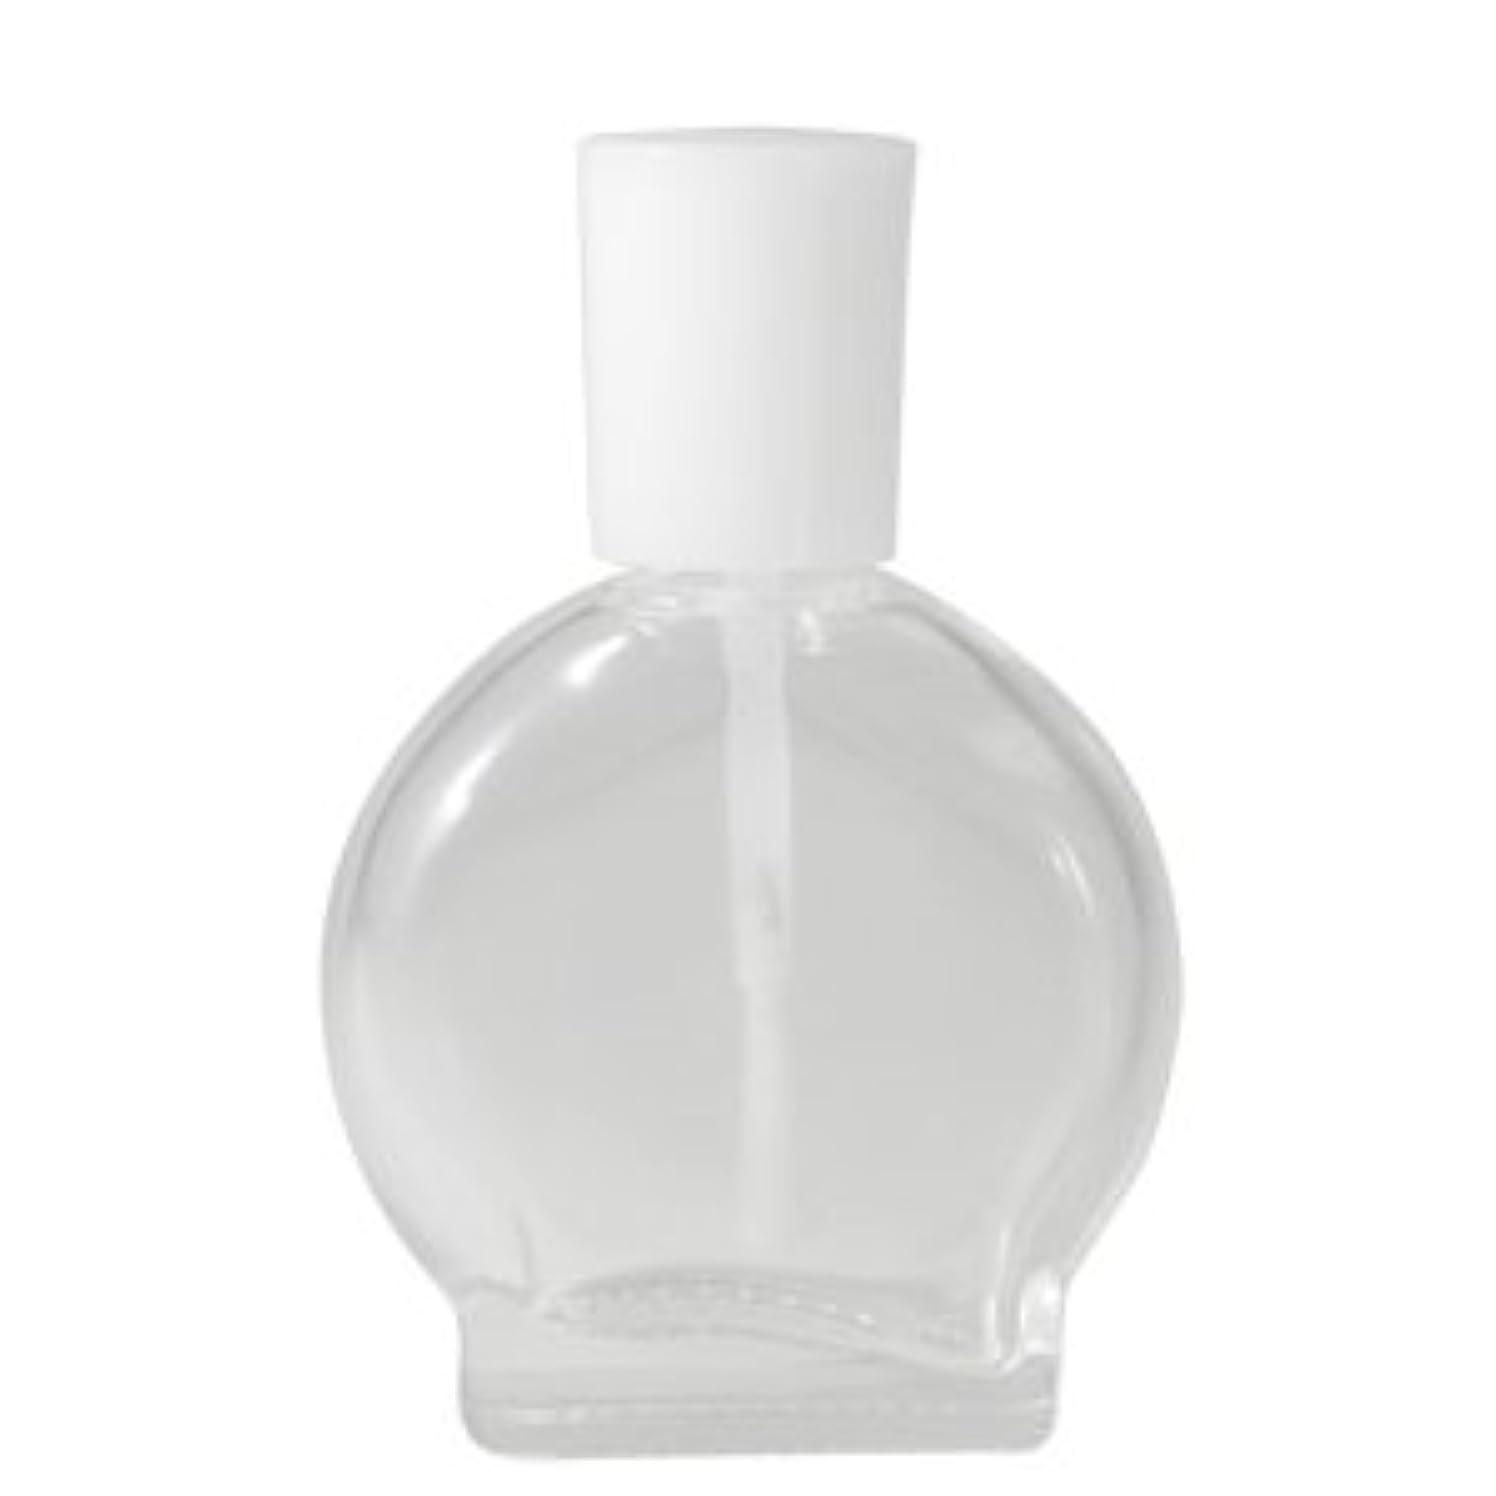 気体の鏡スピーチエナメルボトル マニキュア瓶 16ml 化粧品容器